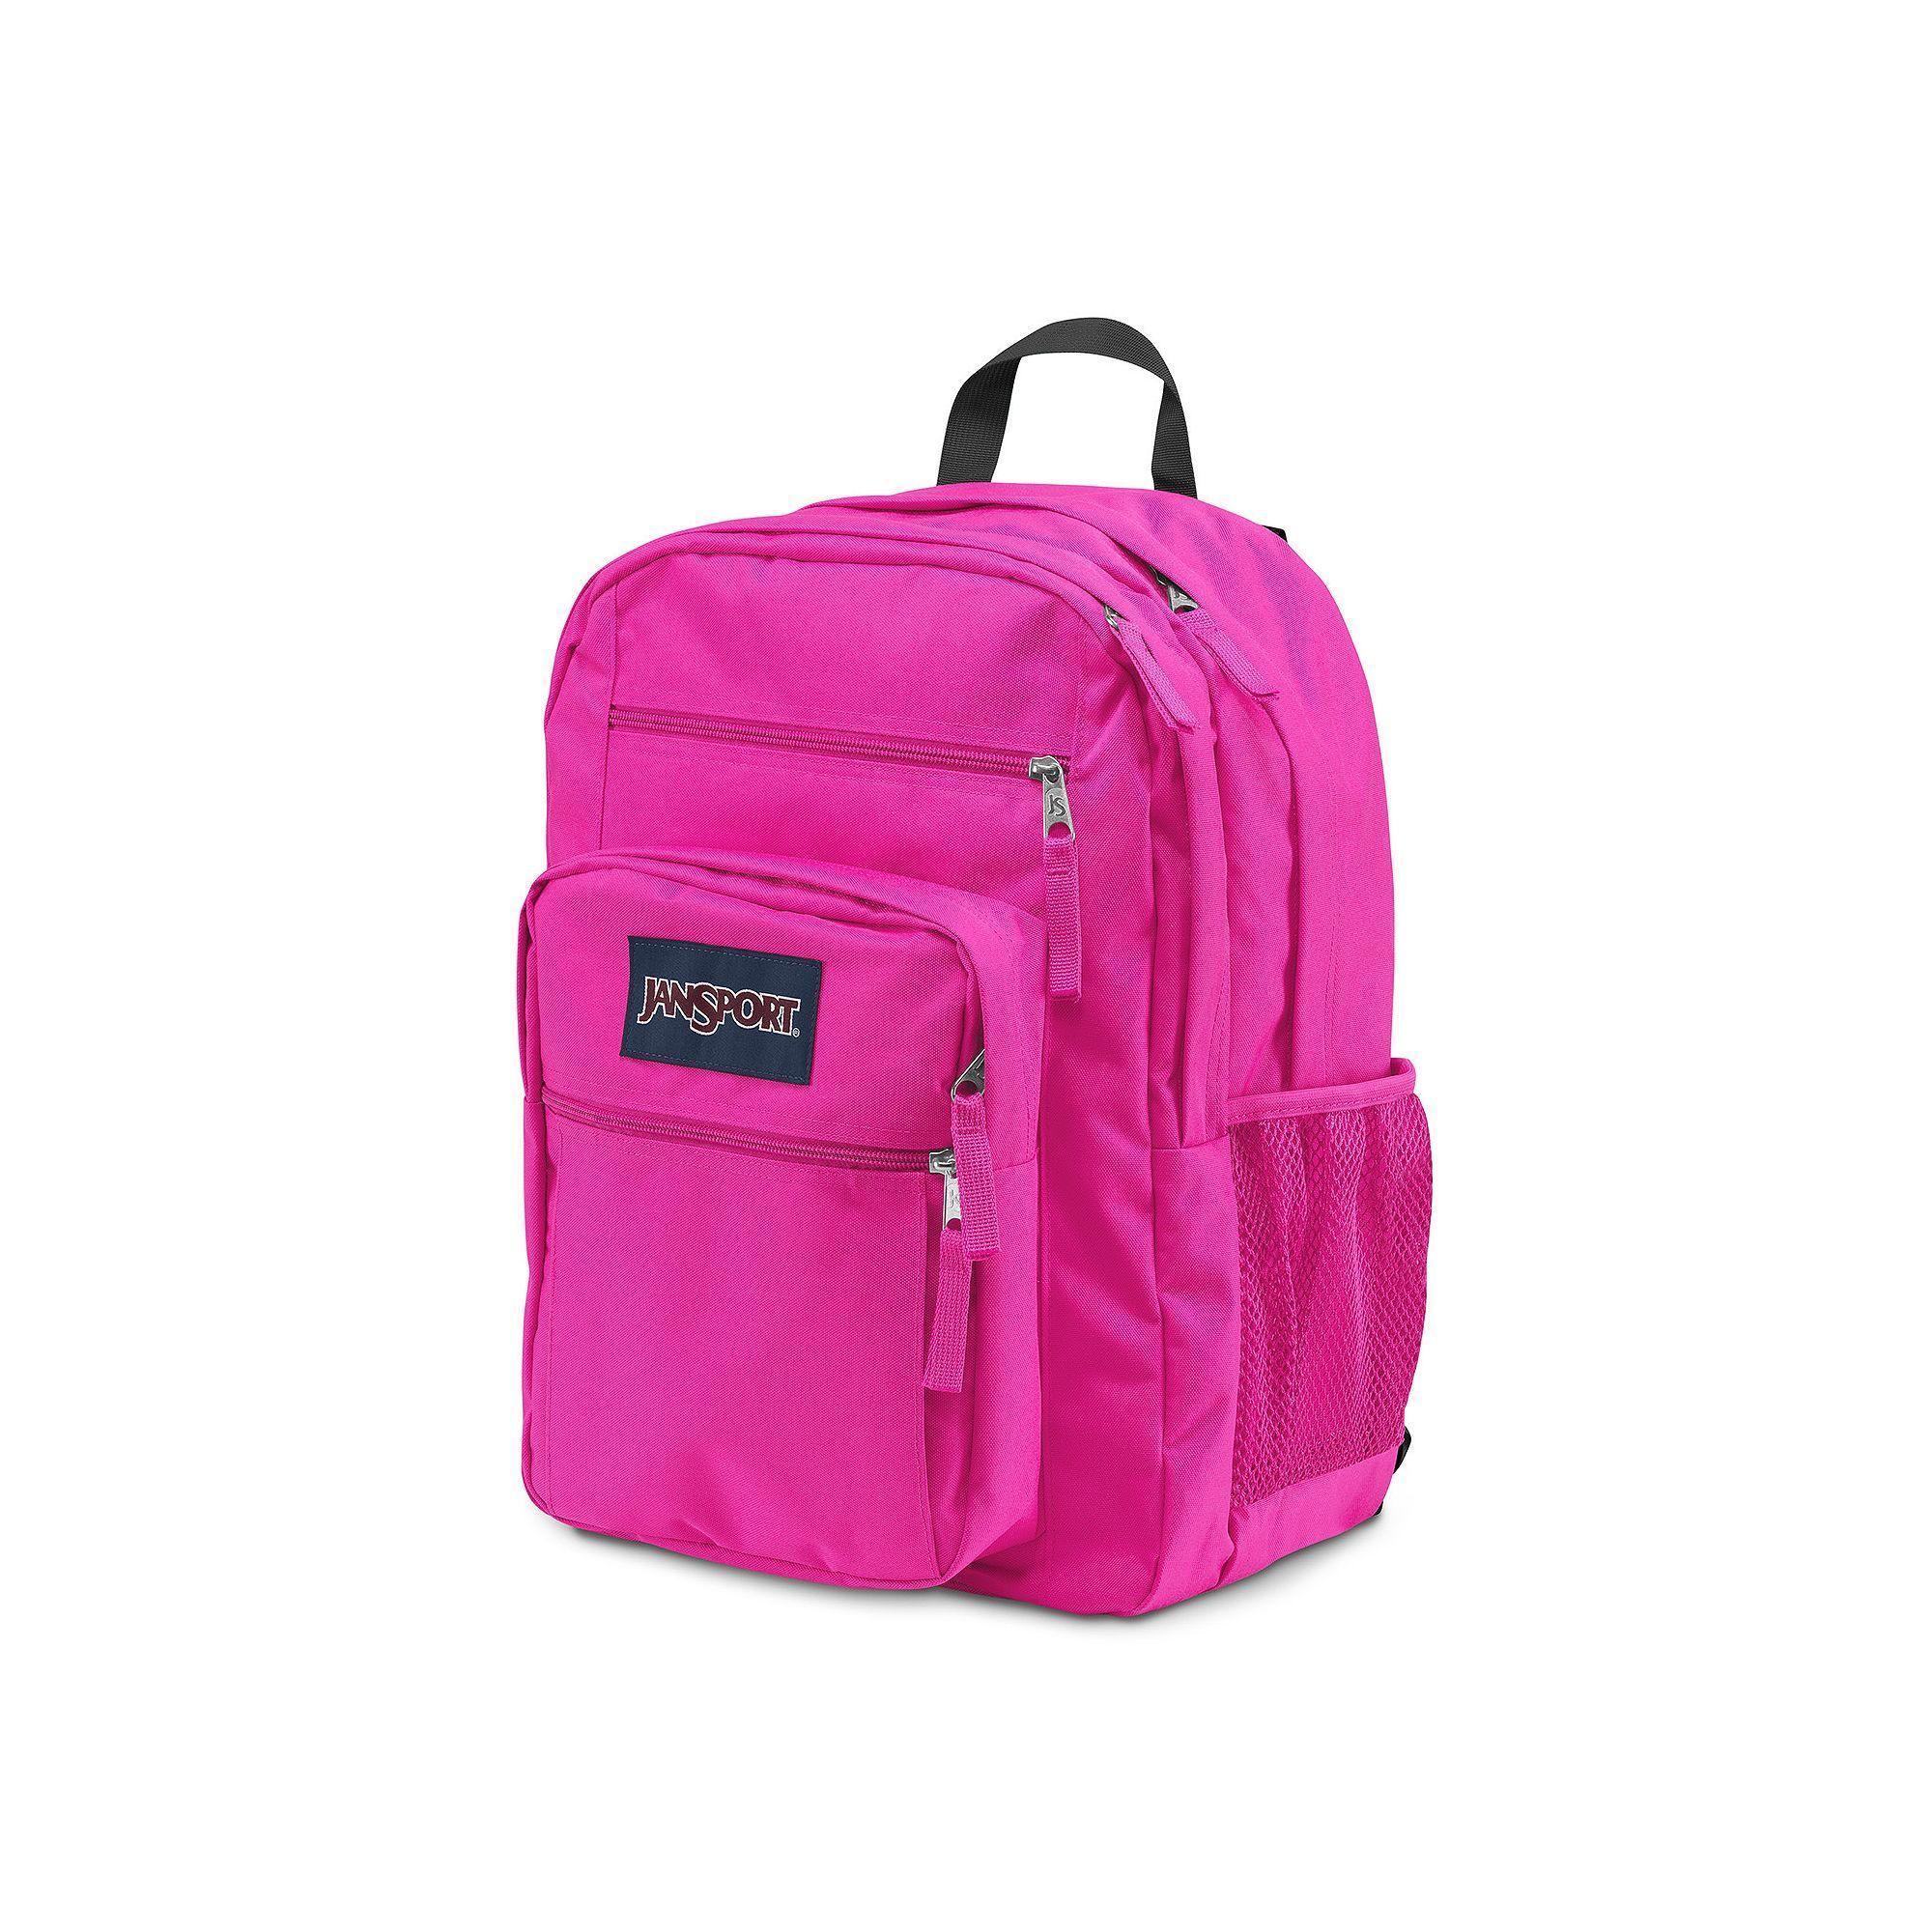 30ba5529b JanSport Big Student Backpack | Products | JanSport, Backpacks ...